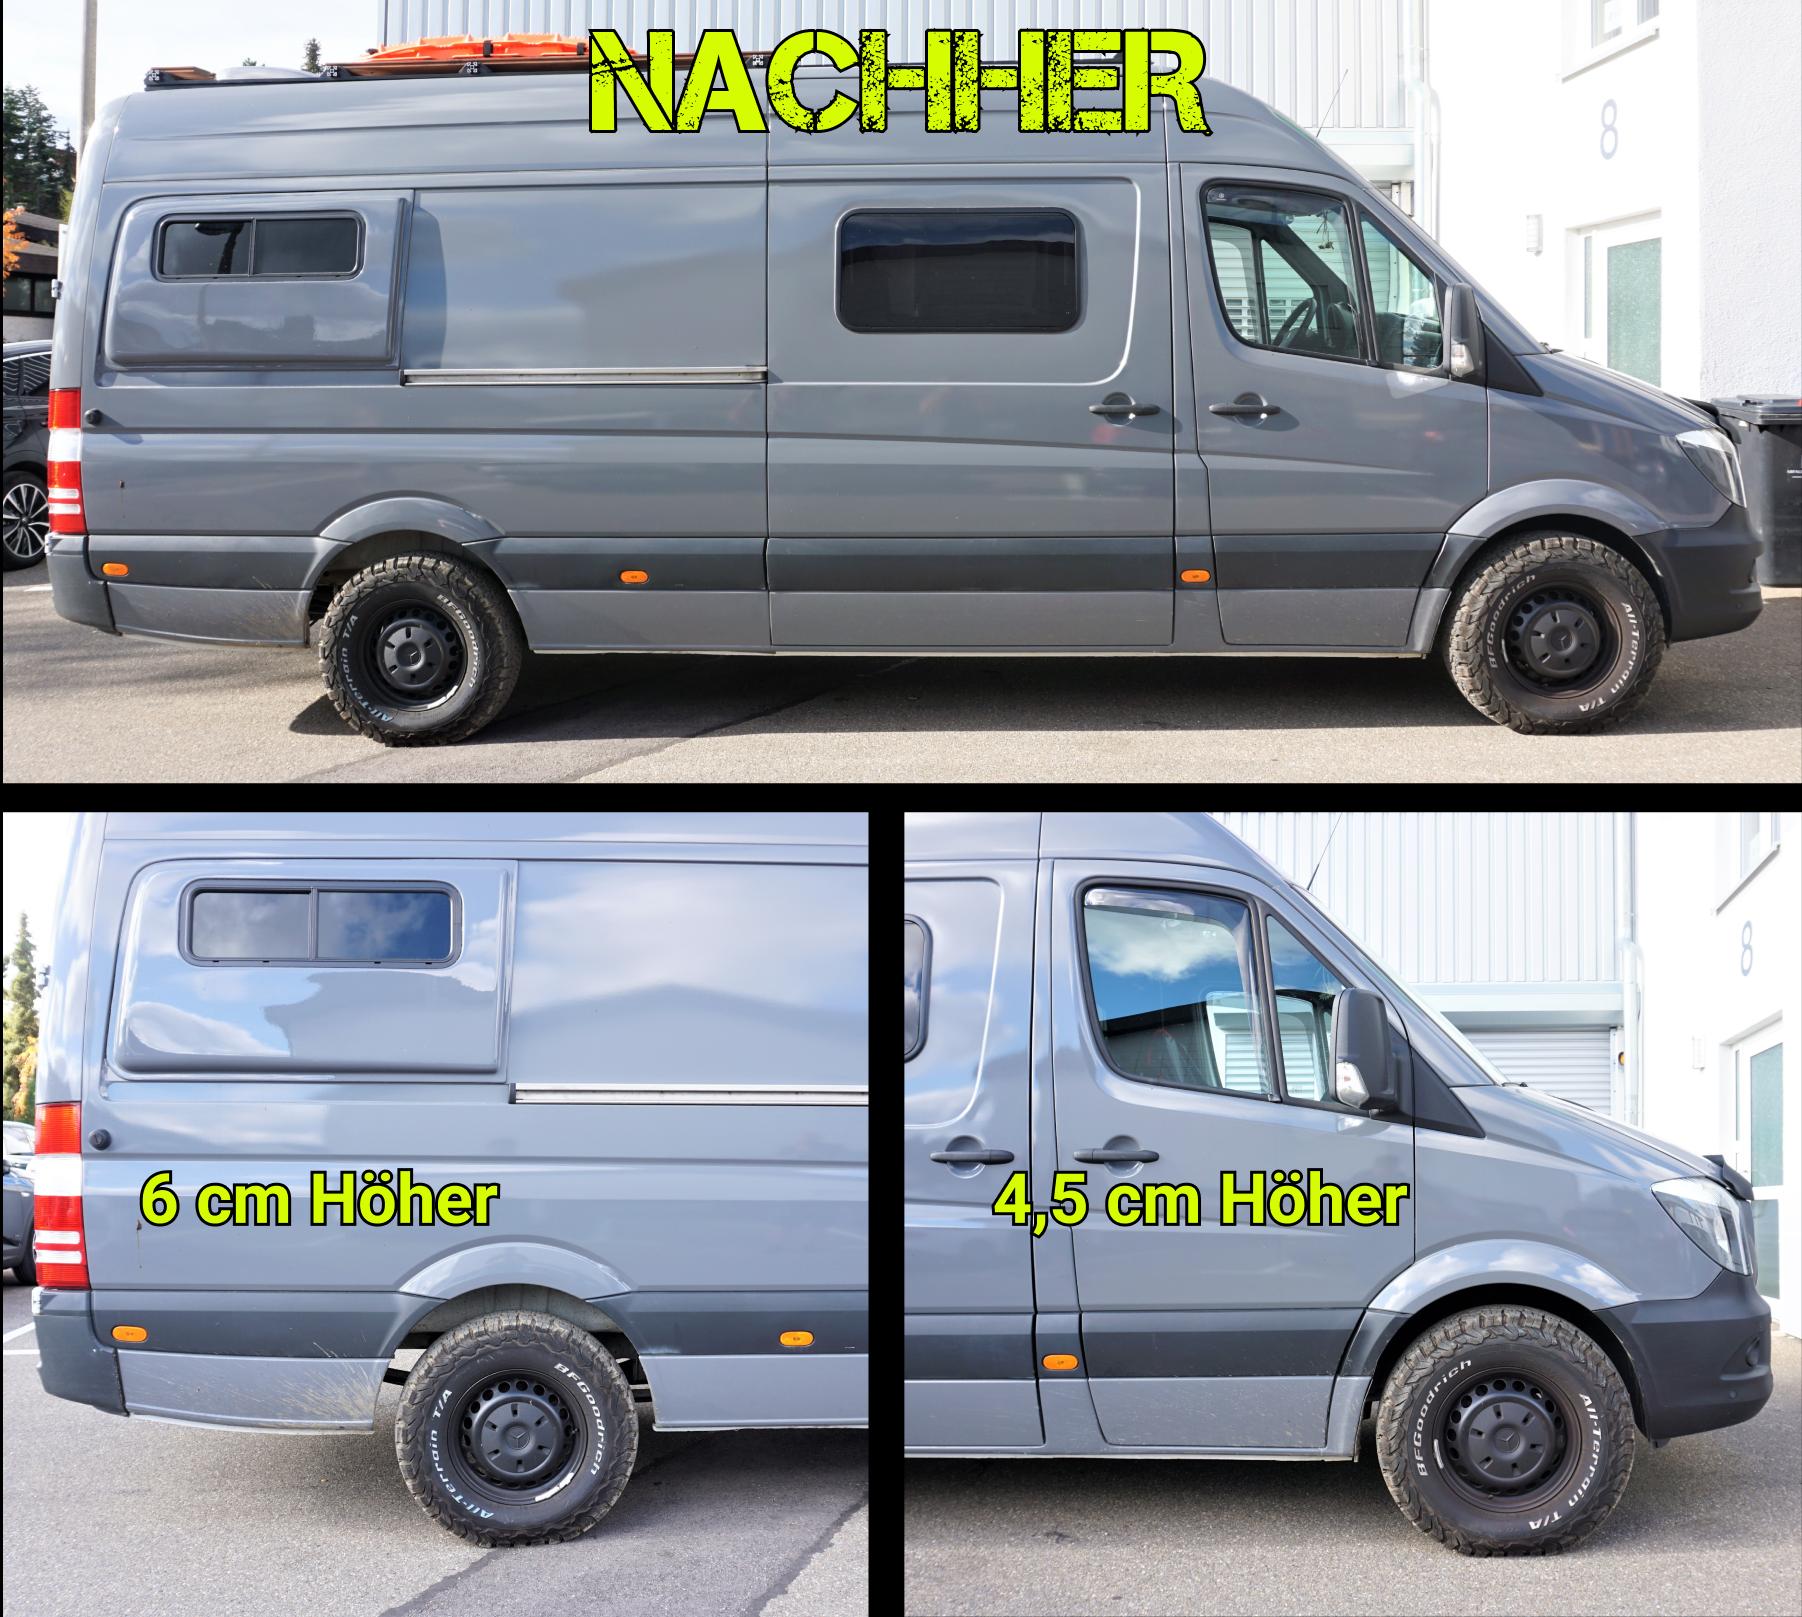 MB Sprinter 906 906 Höherlegung Bodylift Umbereifung größere Reifen